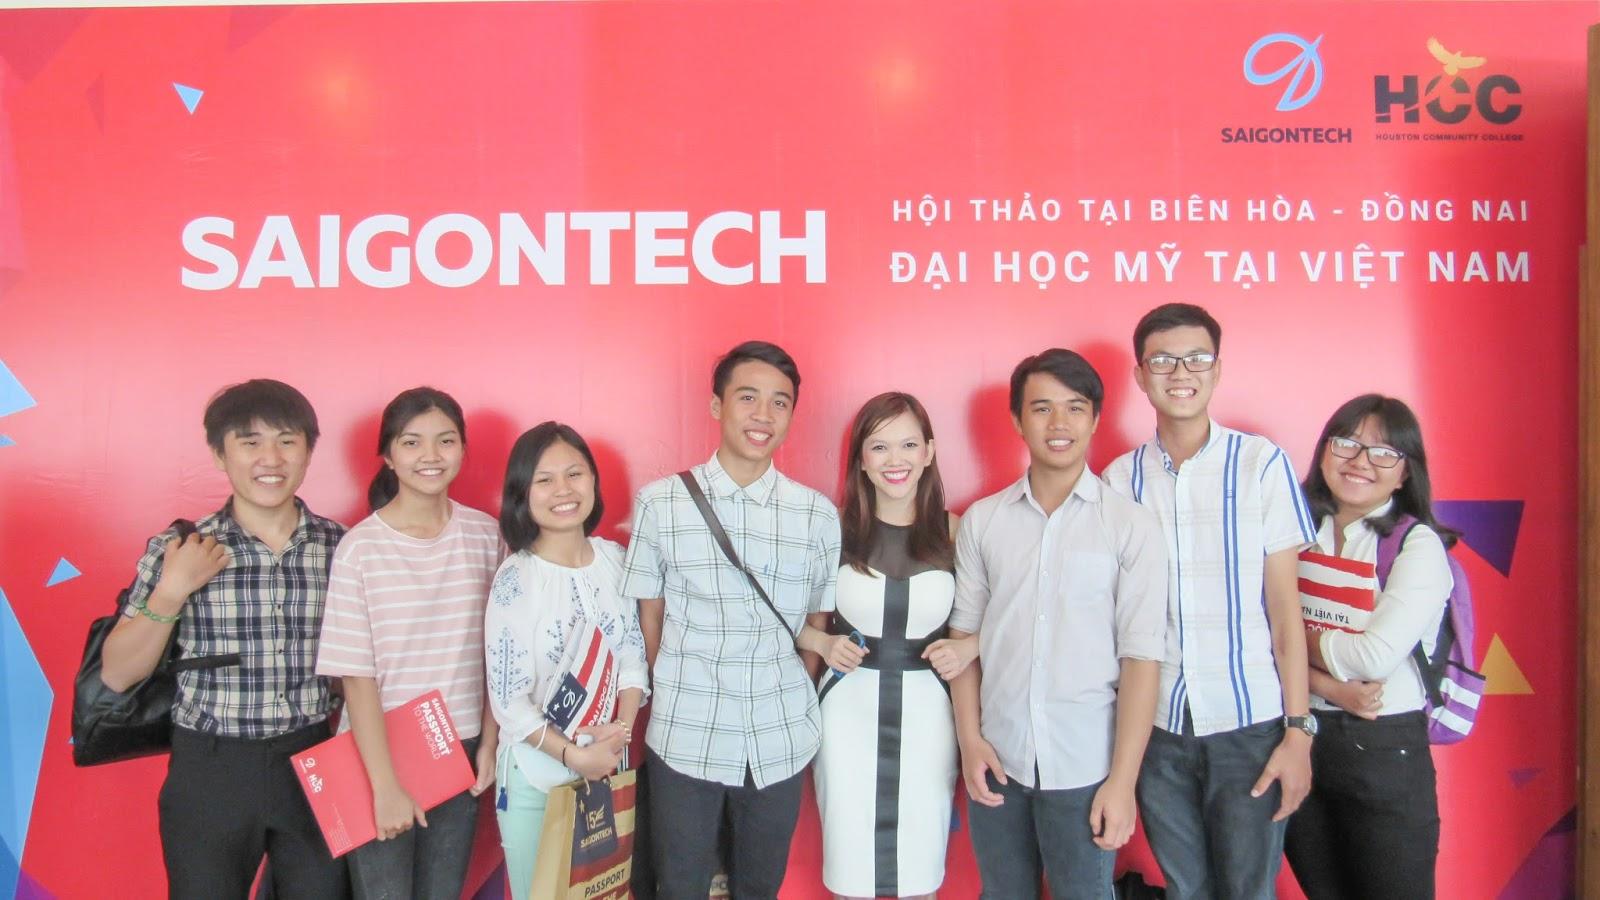 SaigonTech Seminar at Bien Hoa, Dong Nai